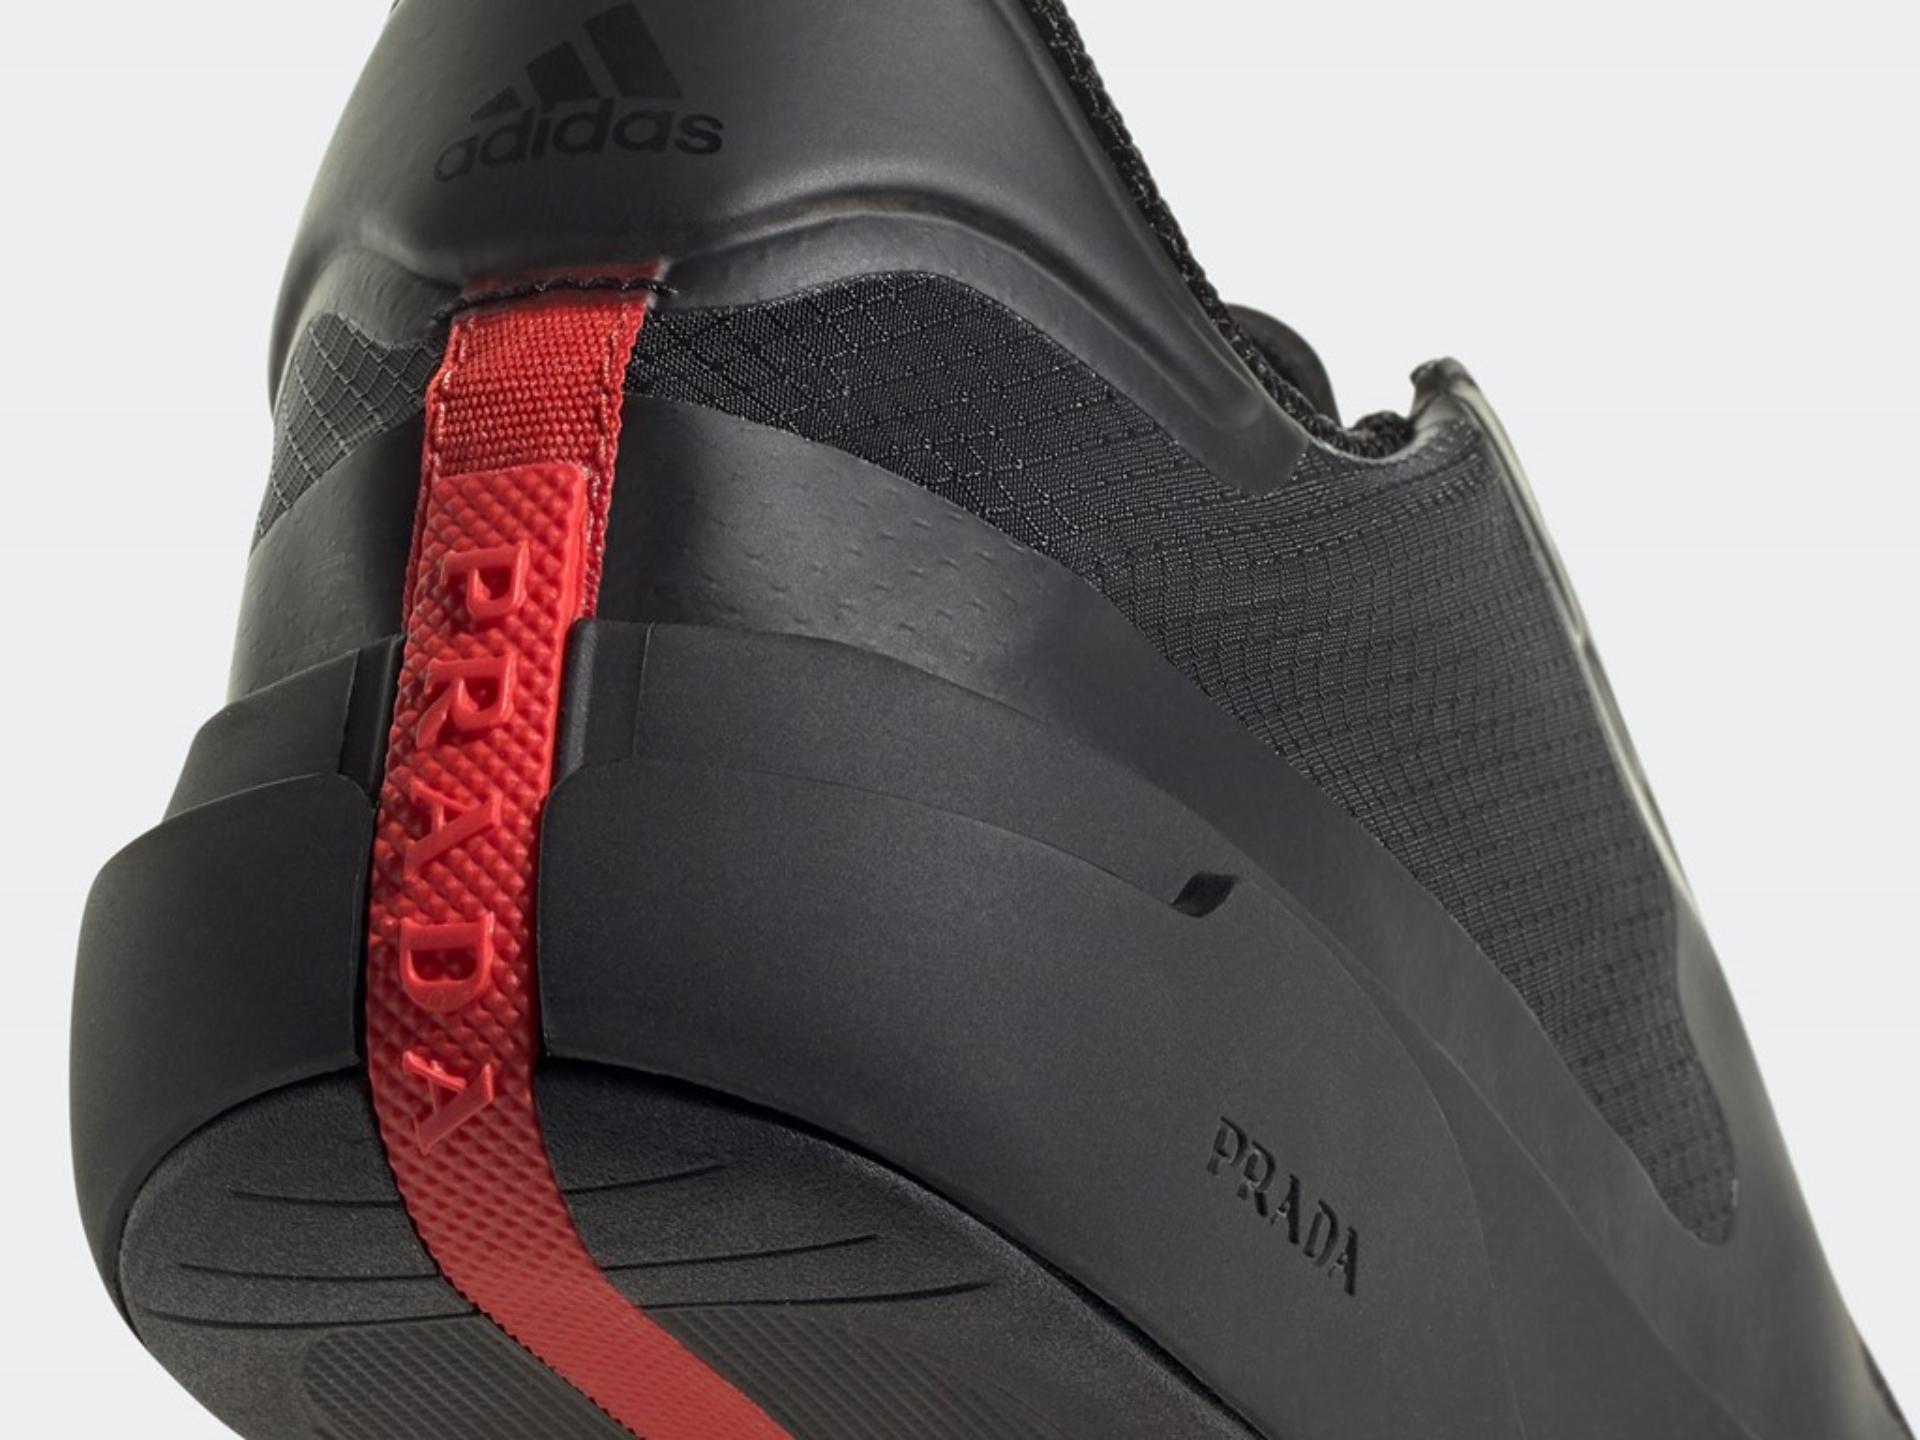 Prada y Adidas, una nueva colaboración en modelo de zapatillas